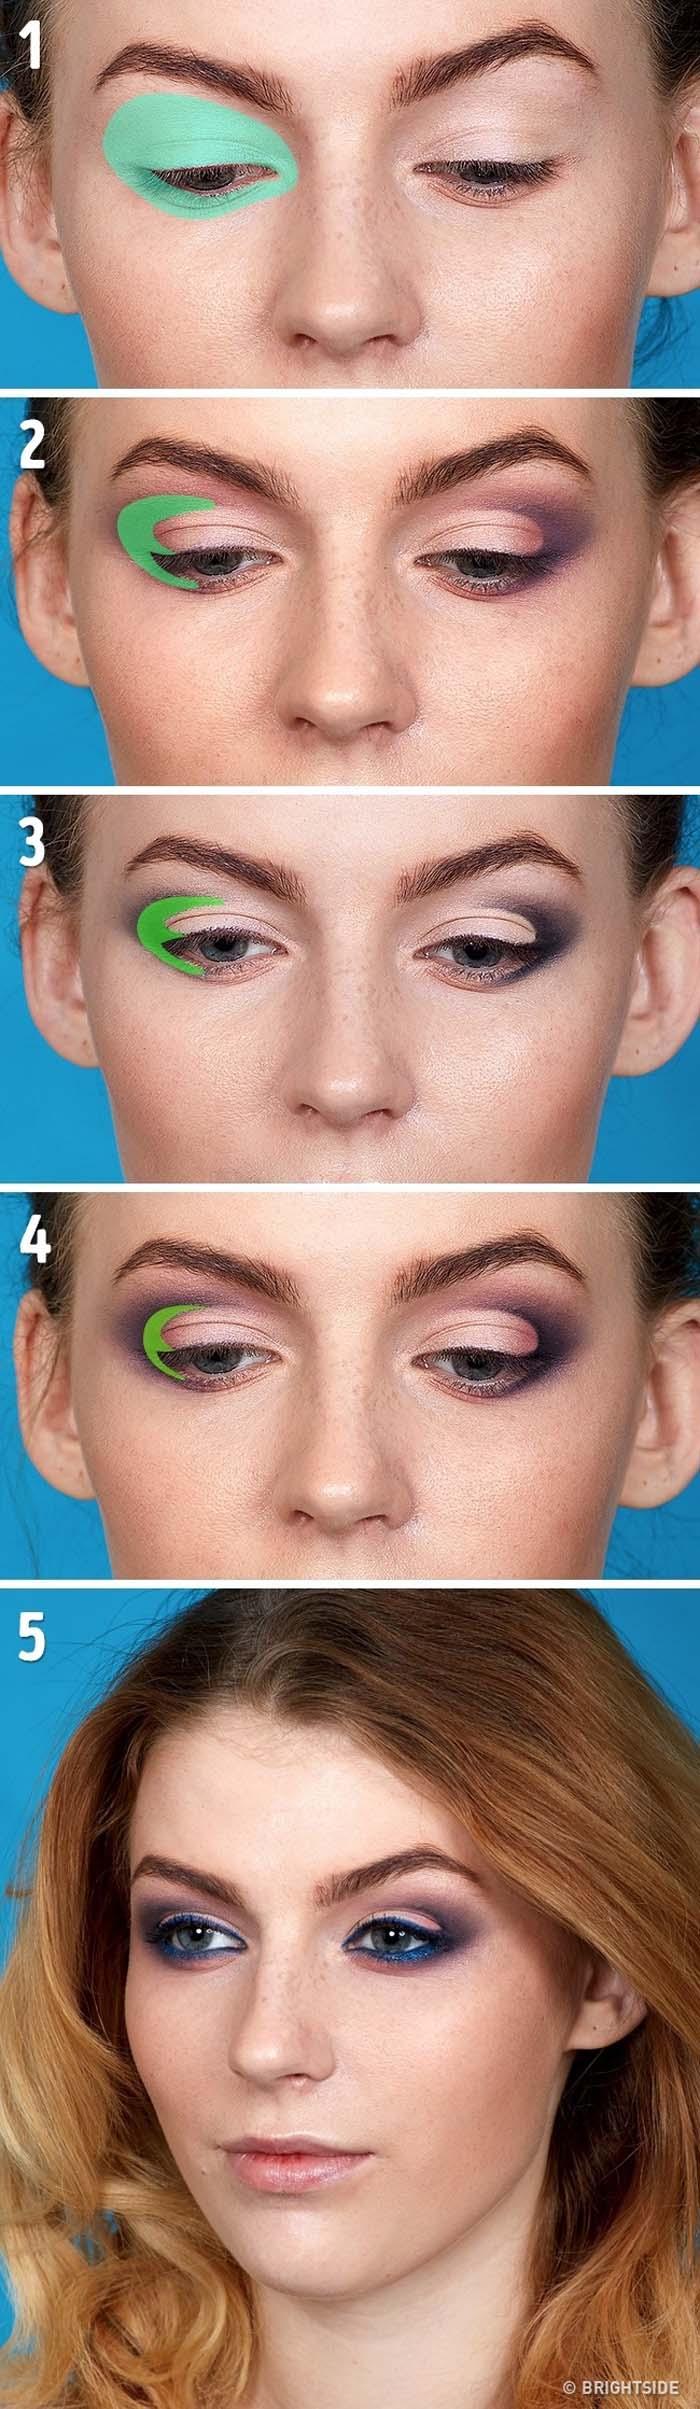 Βασικές τεχνικές στο μακιγιάζ που κάθε γυναίκα πρέπει να γνωρίζει (5)